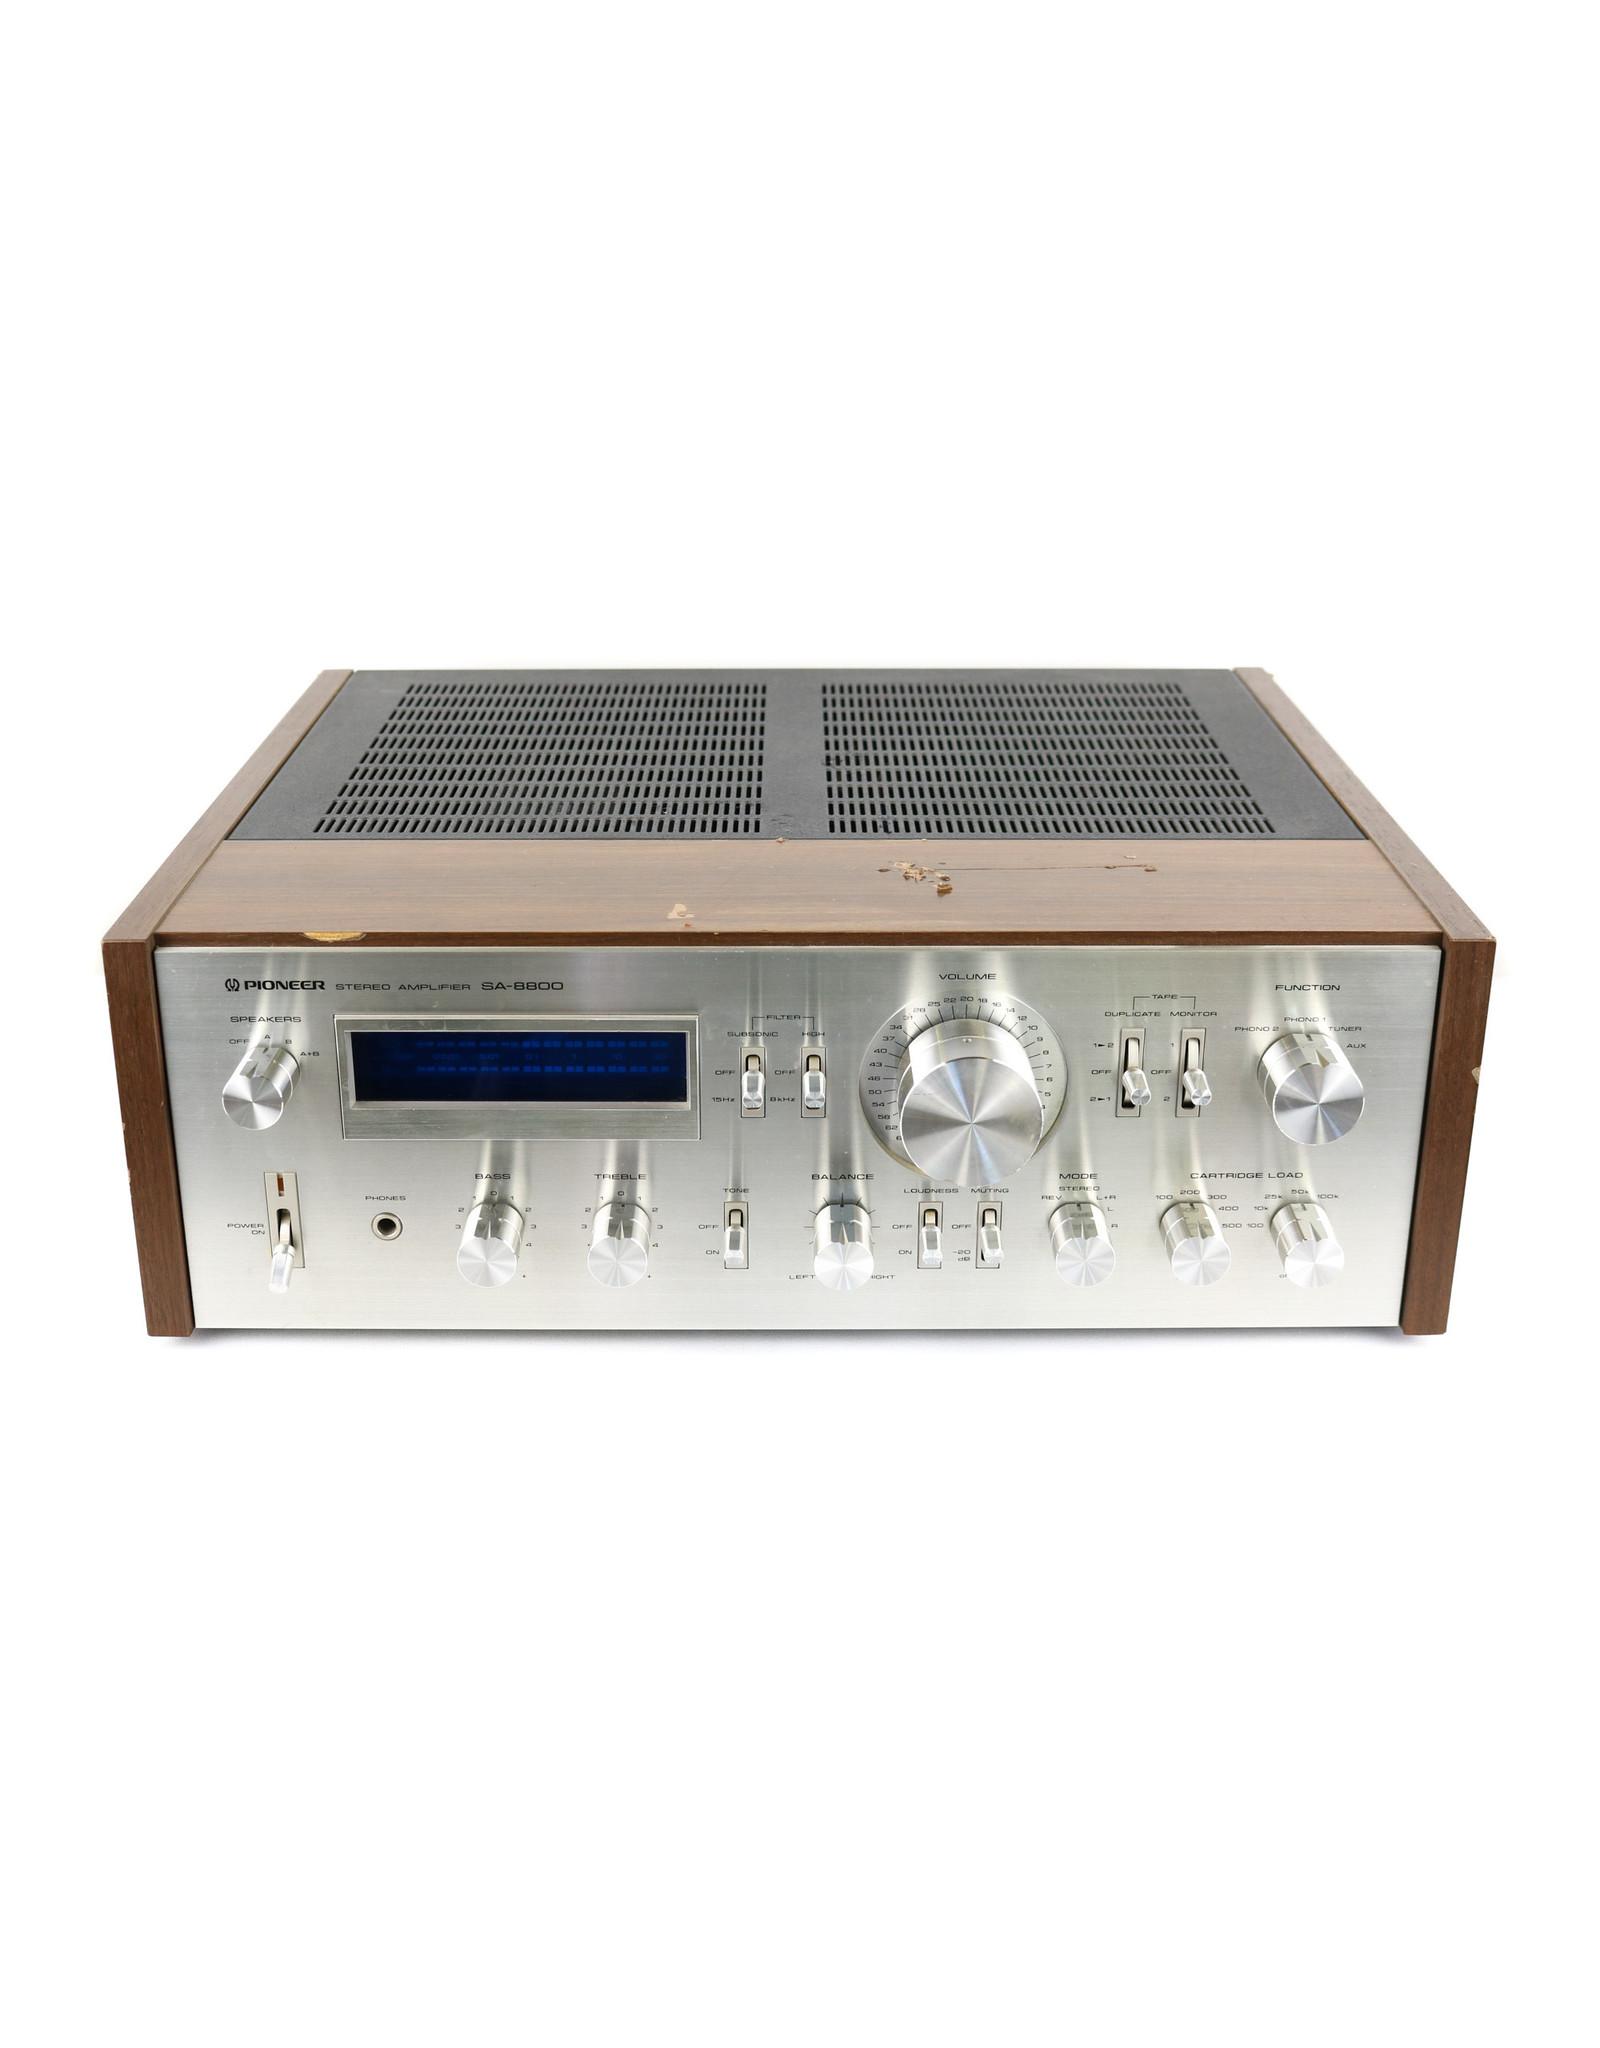 Pioneer Pioneer SA-8800 Integrated Amp USED